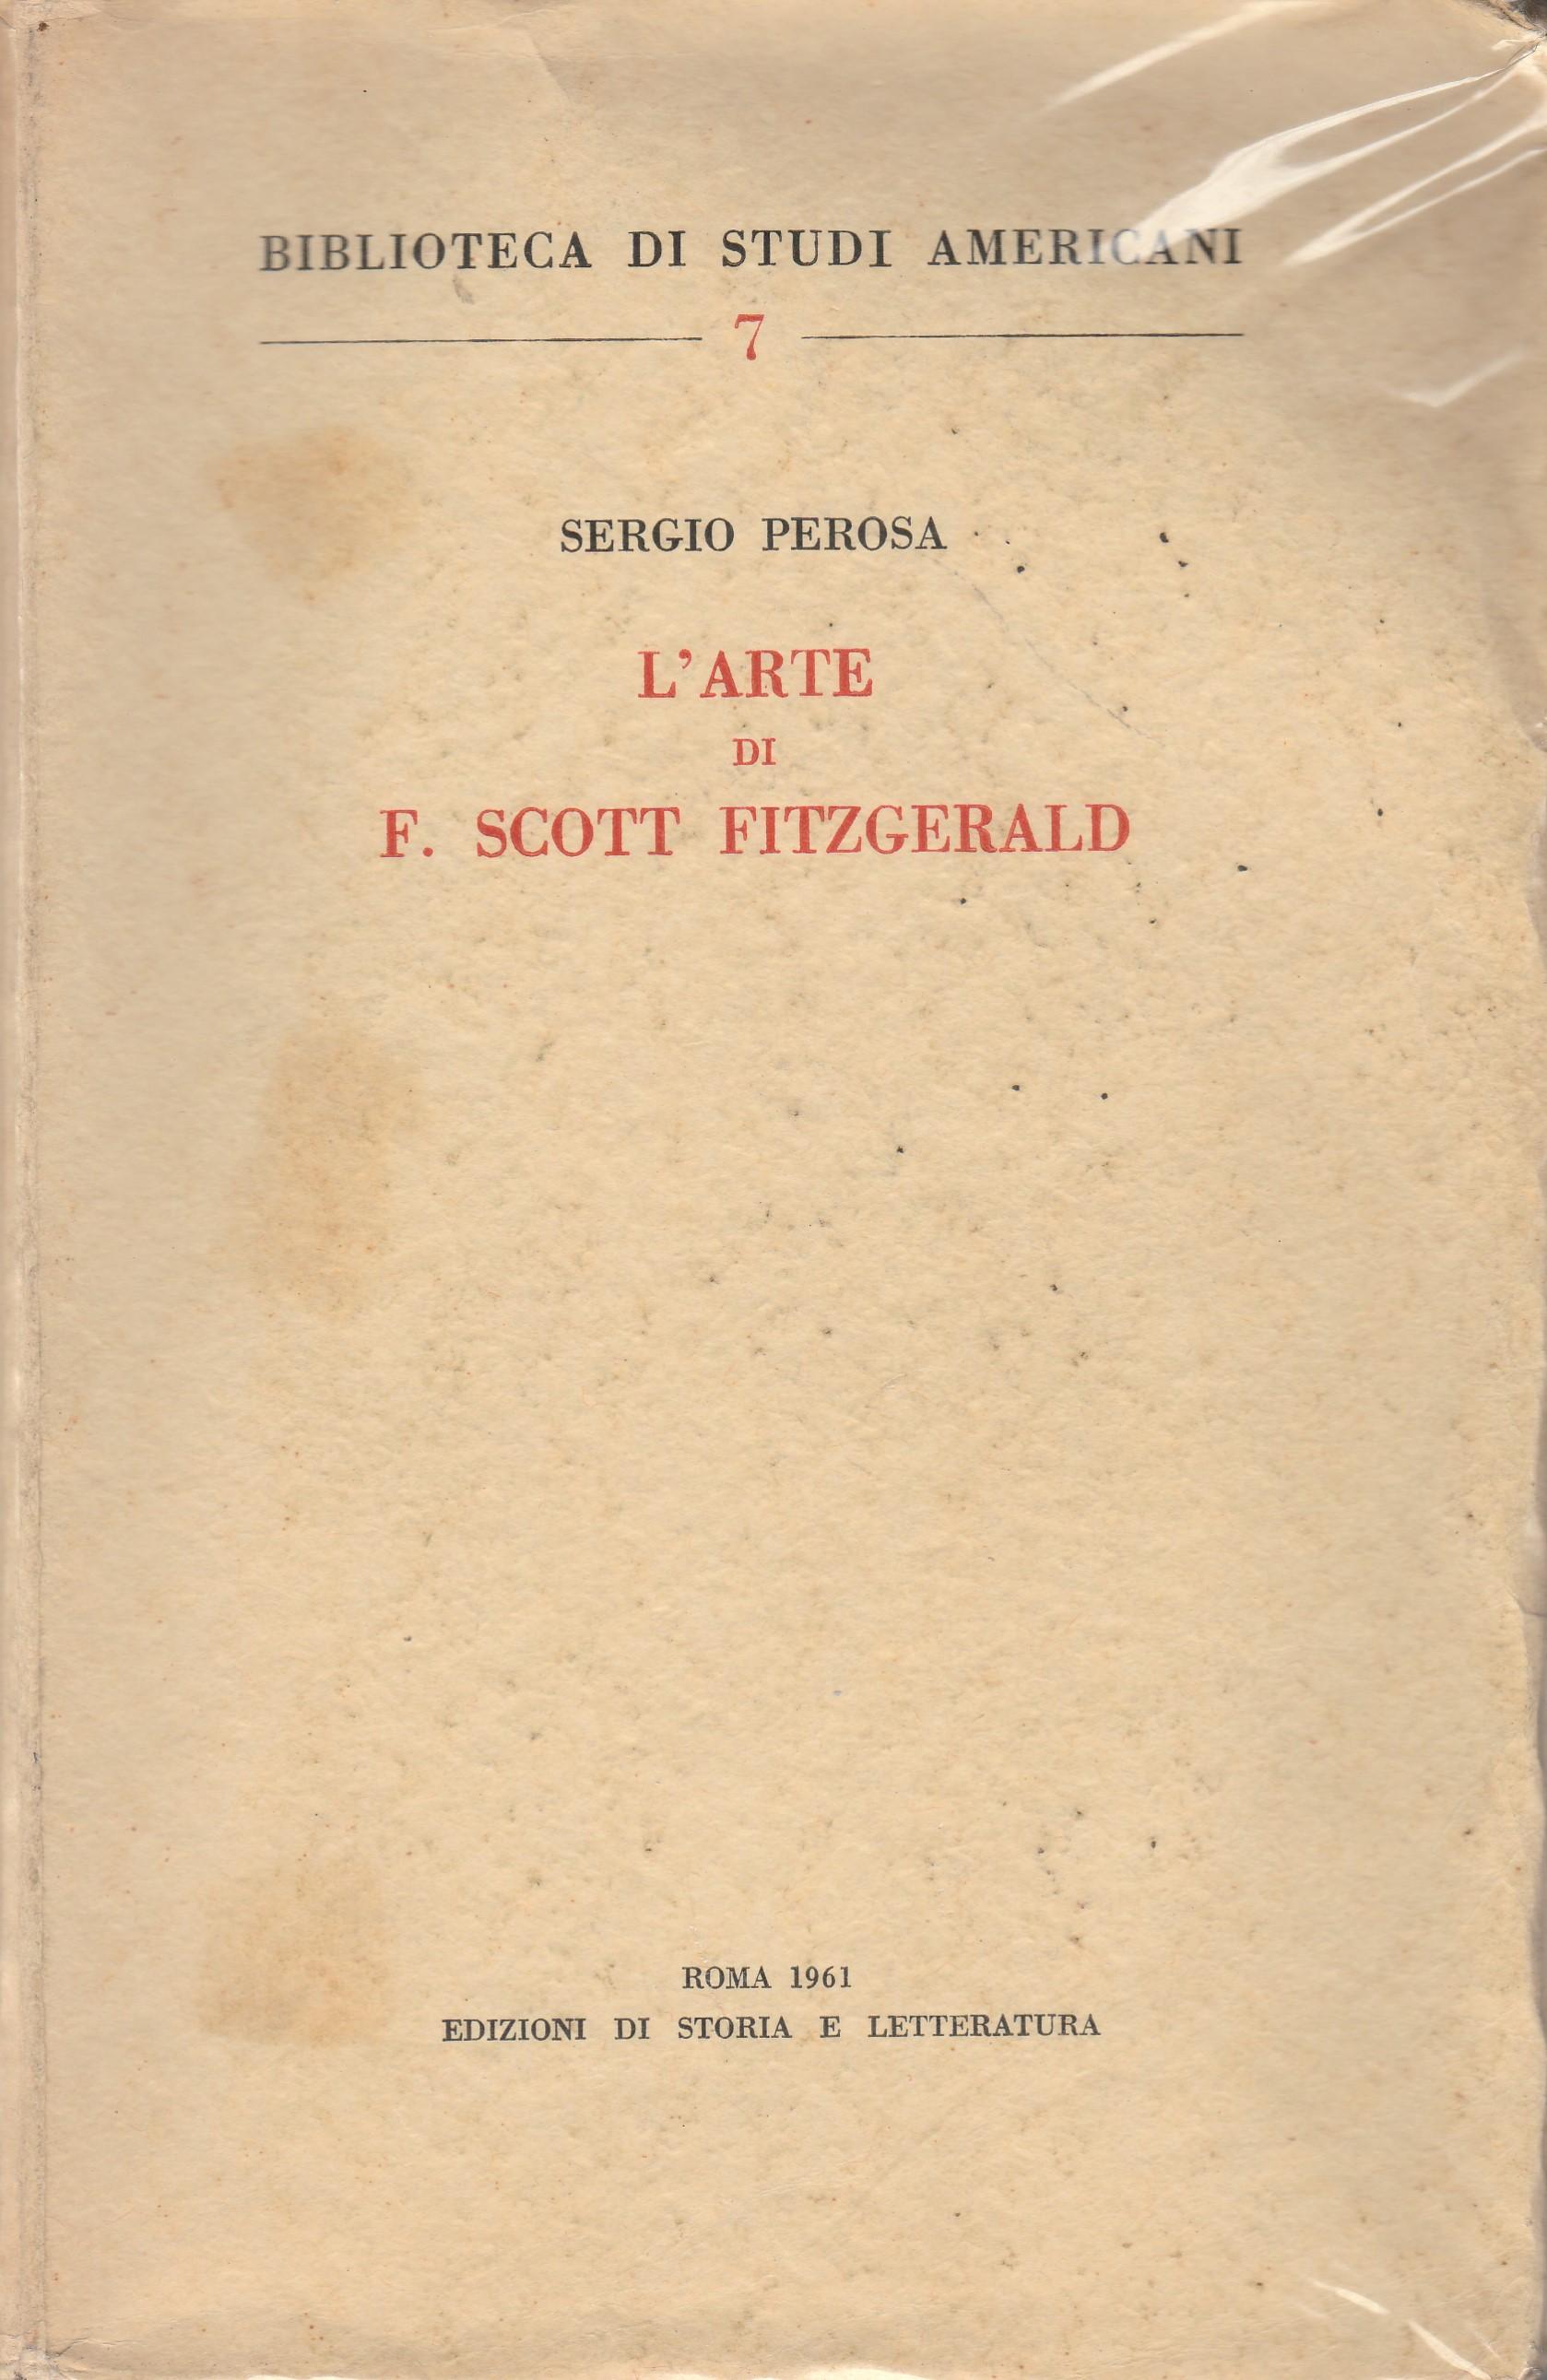 L'arte di F. Scott Fitzgerald